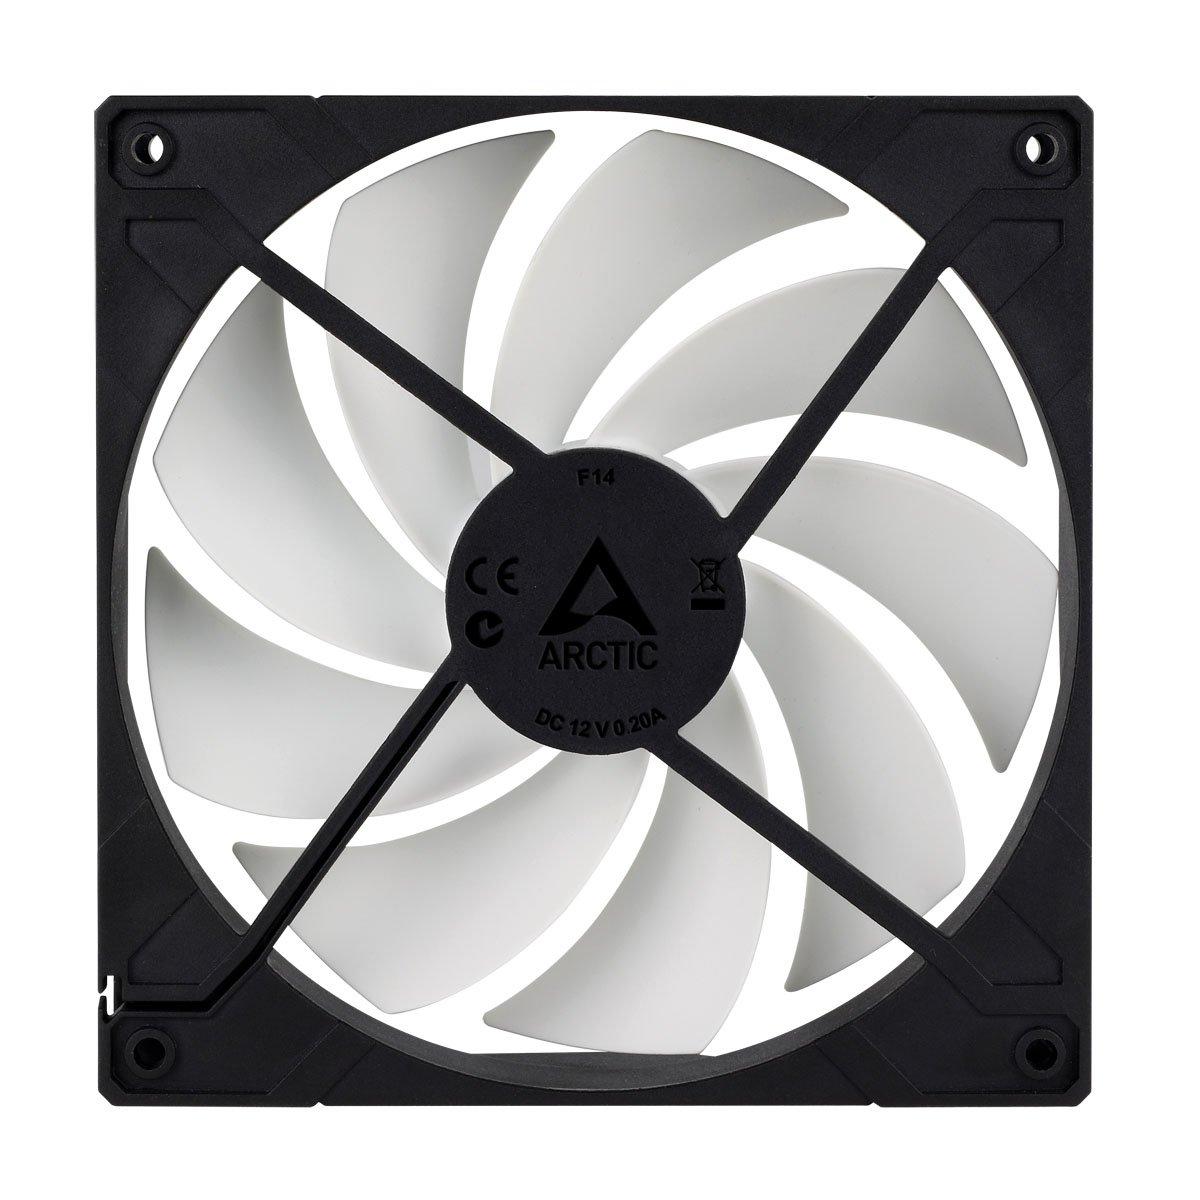 Ventilateur pour bo/îtier de 140 mm /à hautes performances avec flux d/'air et pression statique /élev/és ARCTIC F14 Pack de 5 connecteur /à broches